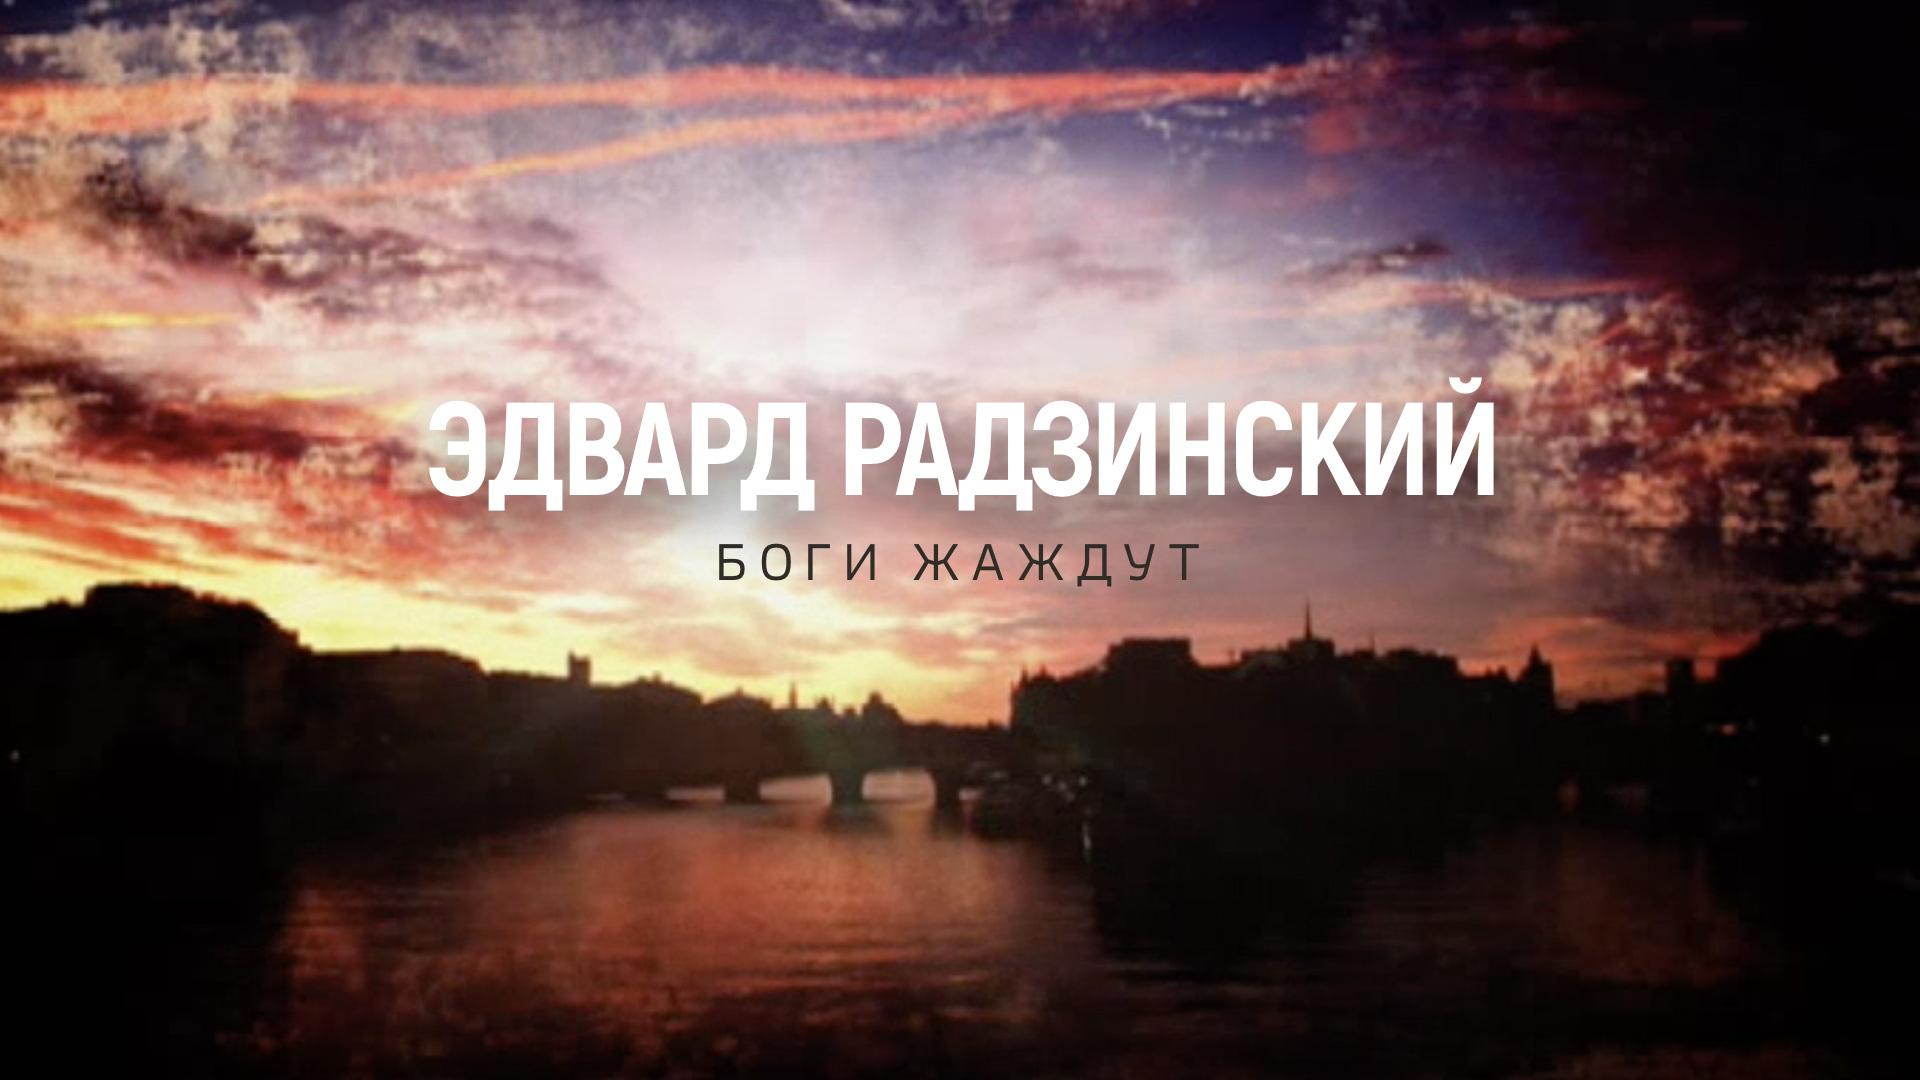 Эдвард Радзинский. Боги жаждут